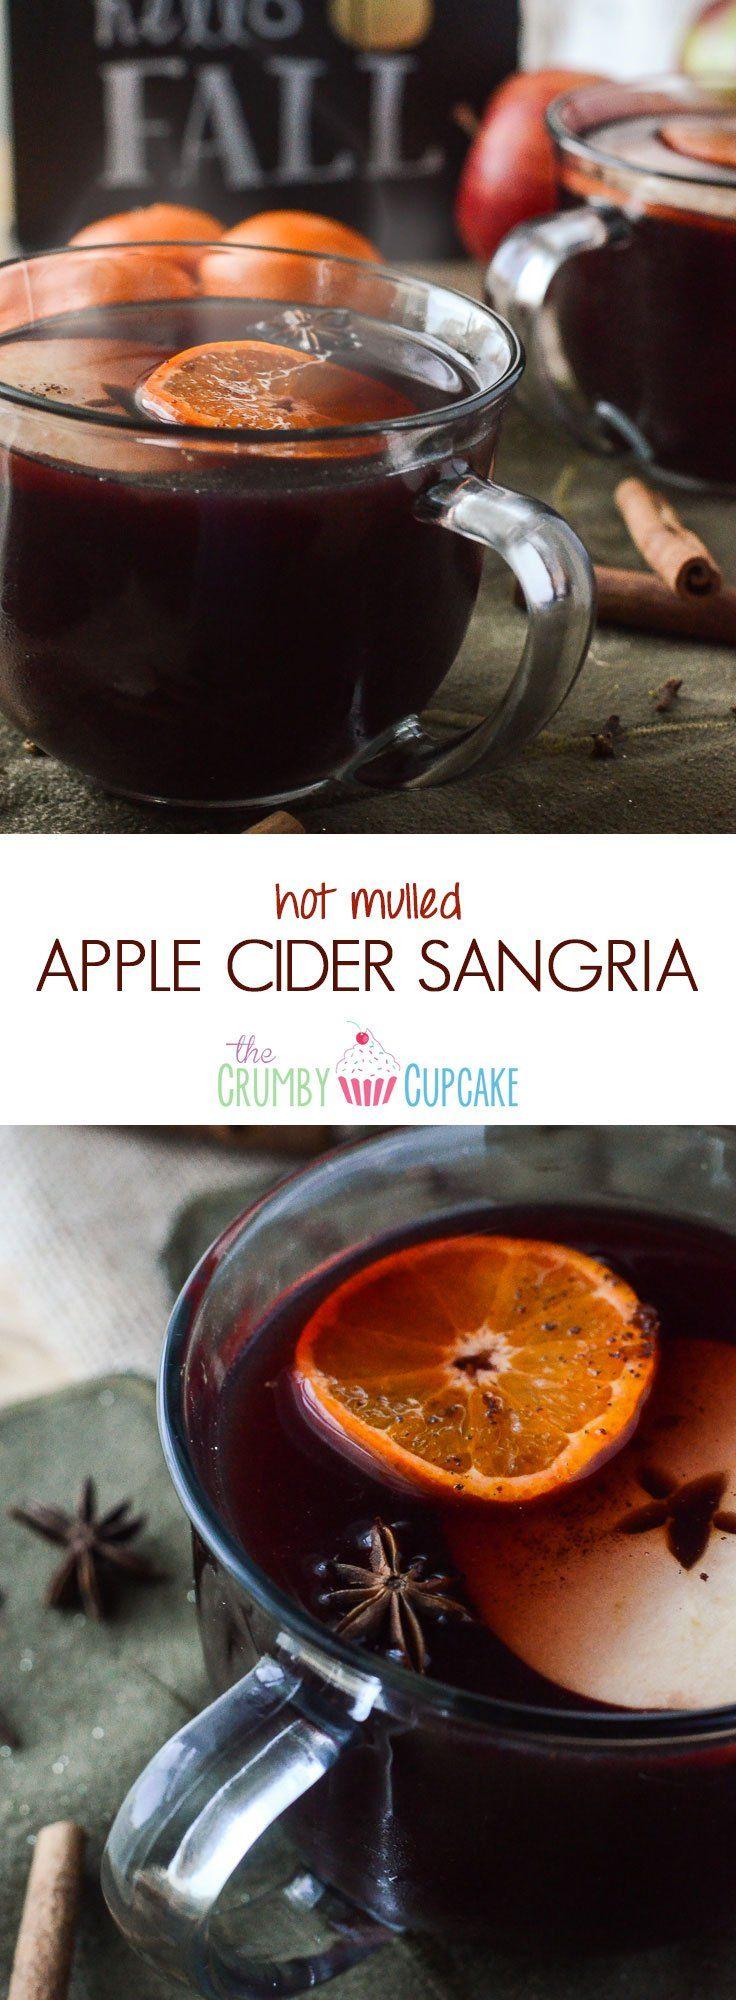 Hot Mulled Apple Cider Sangria #SundaySupper